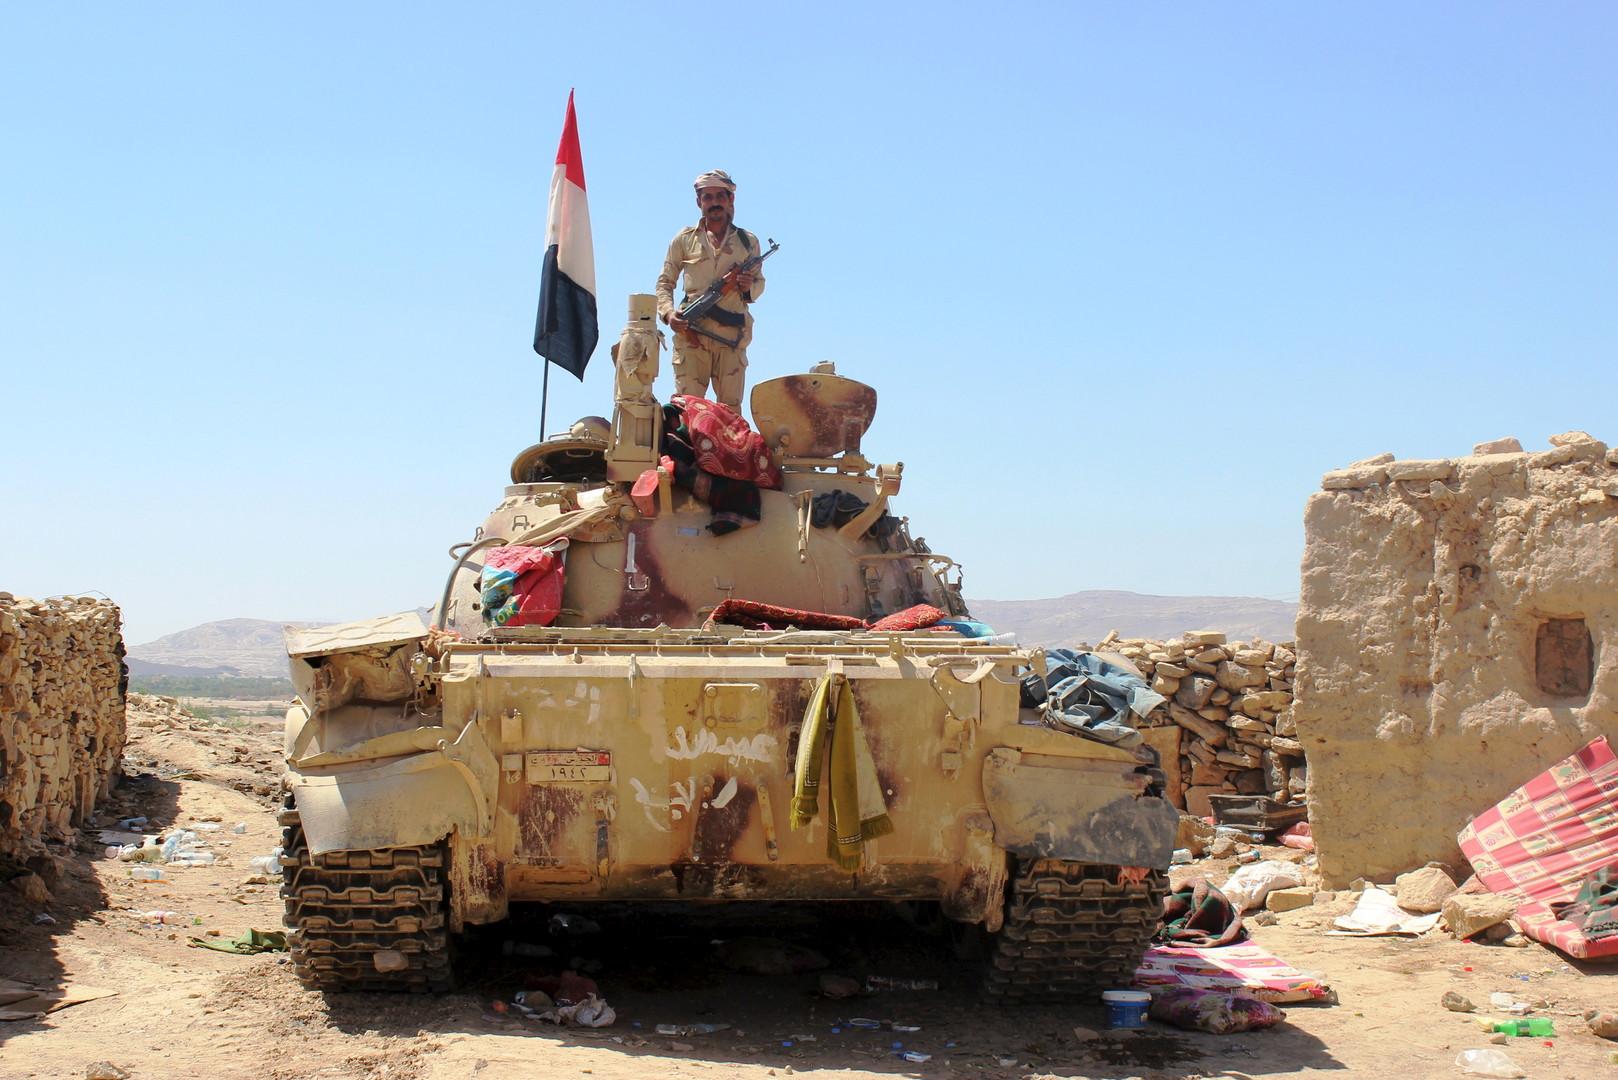 اليمن.. عشرات القتلى جراء مواجهات عنيفة في الضالع وأنباء عن تقدم الحوثيين